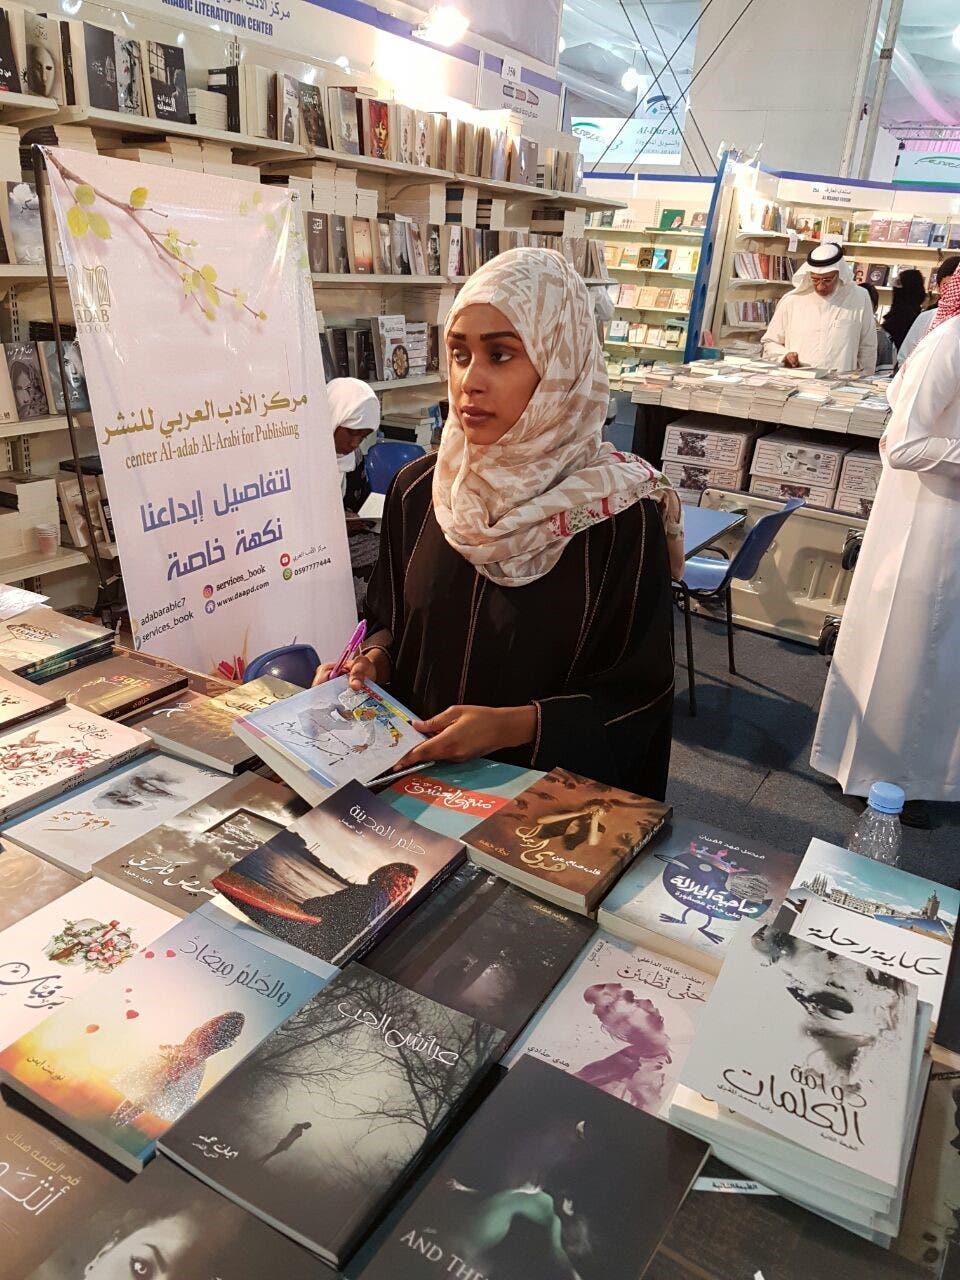 Ameena Issa al-Aqeed's book entitled 'I have a homeland but' was published by Dar al-Adab al-Arabi. (Al Arabiya)